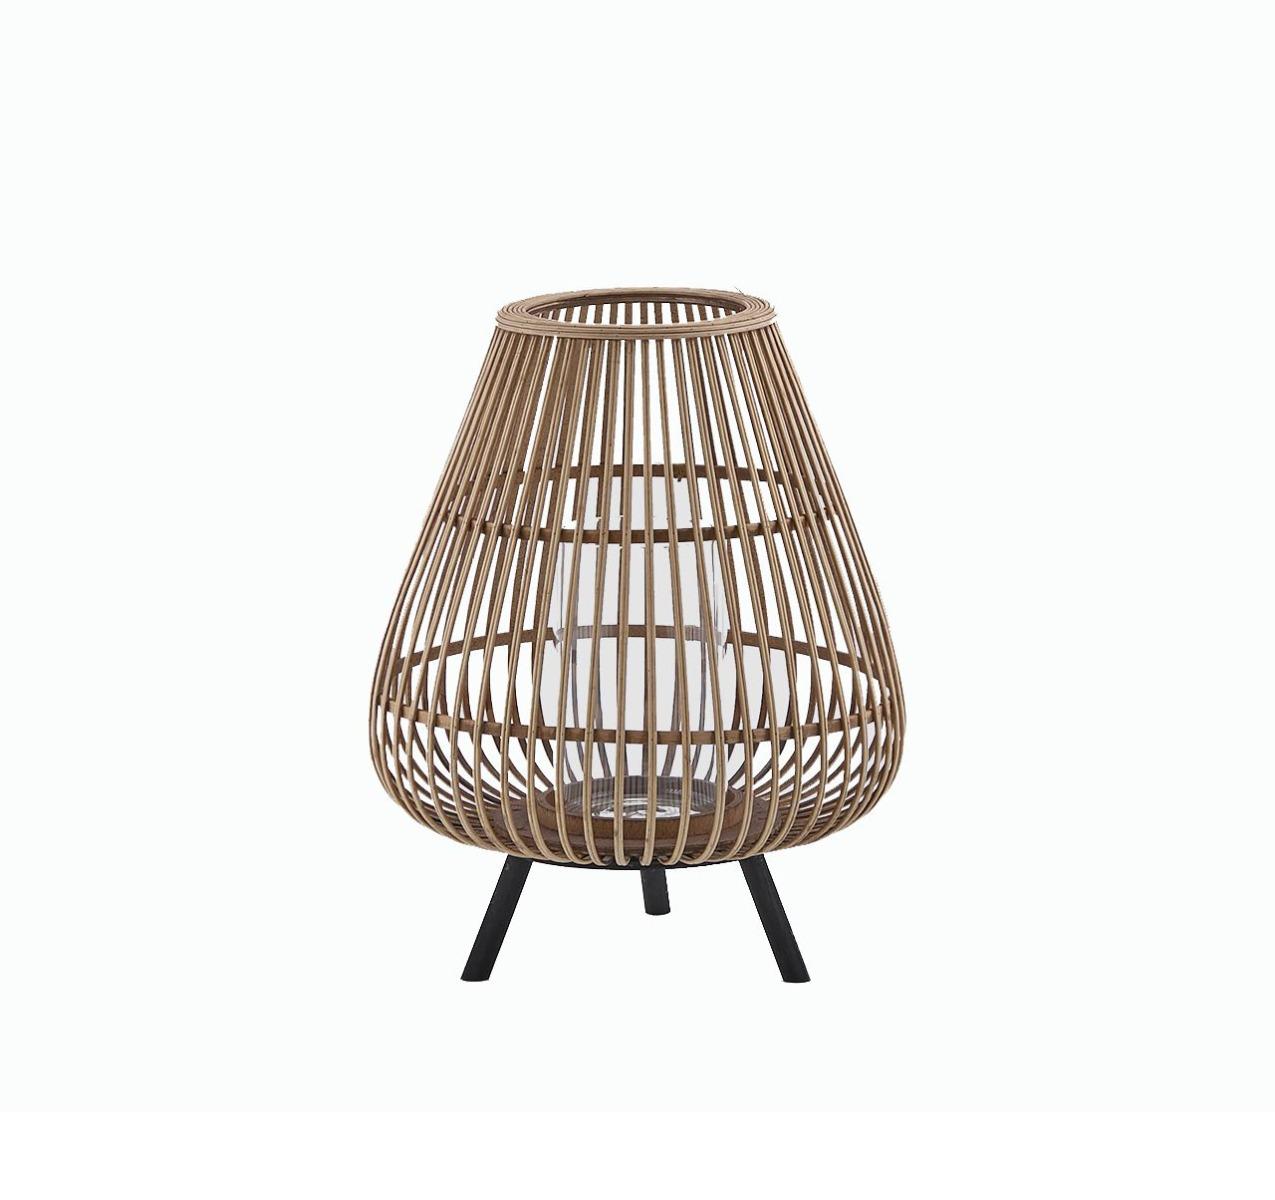 Lanterna in Bambù con piedini in legno H46